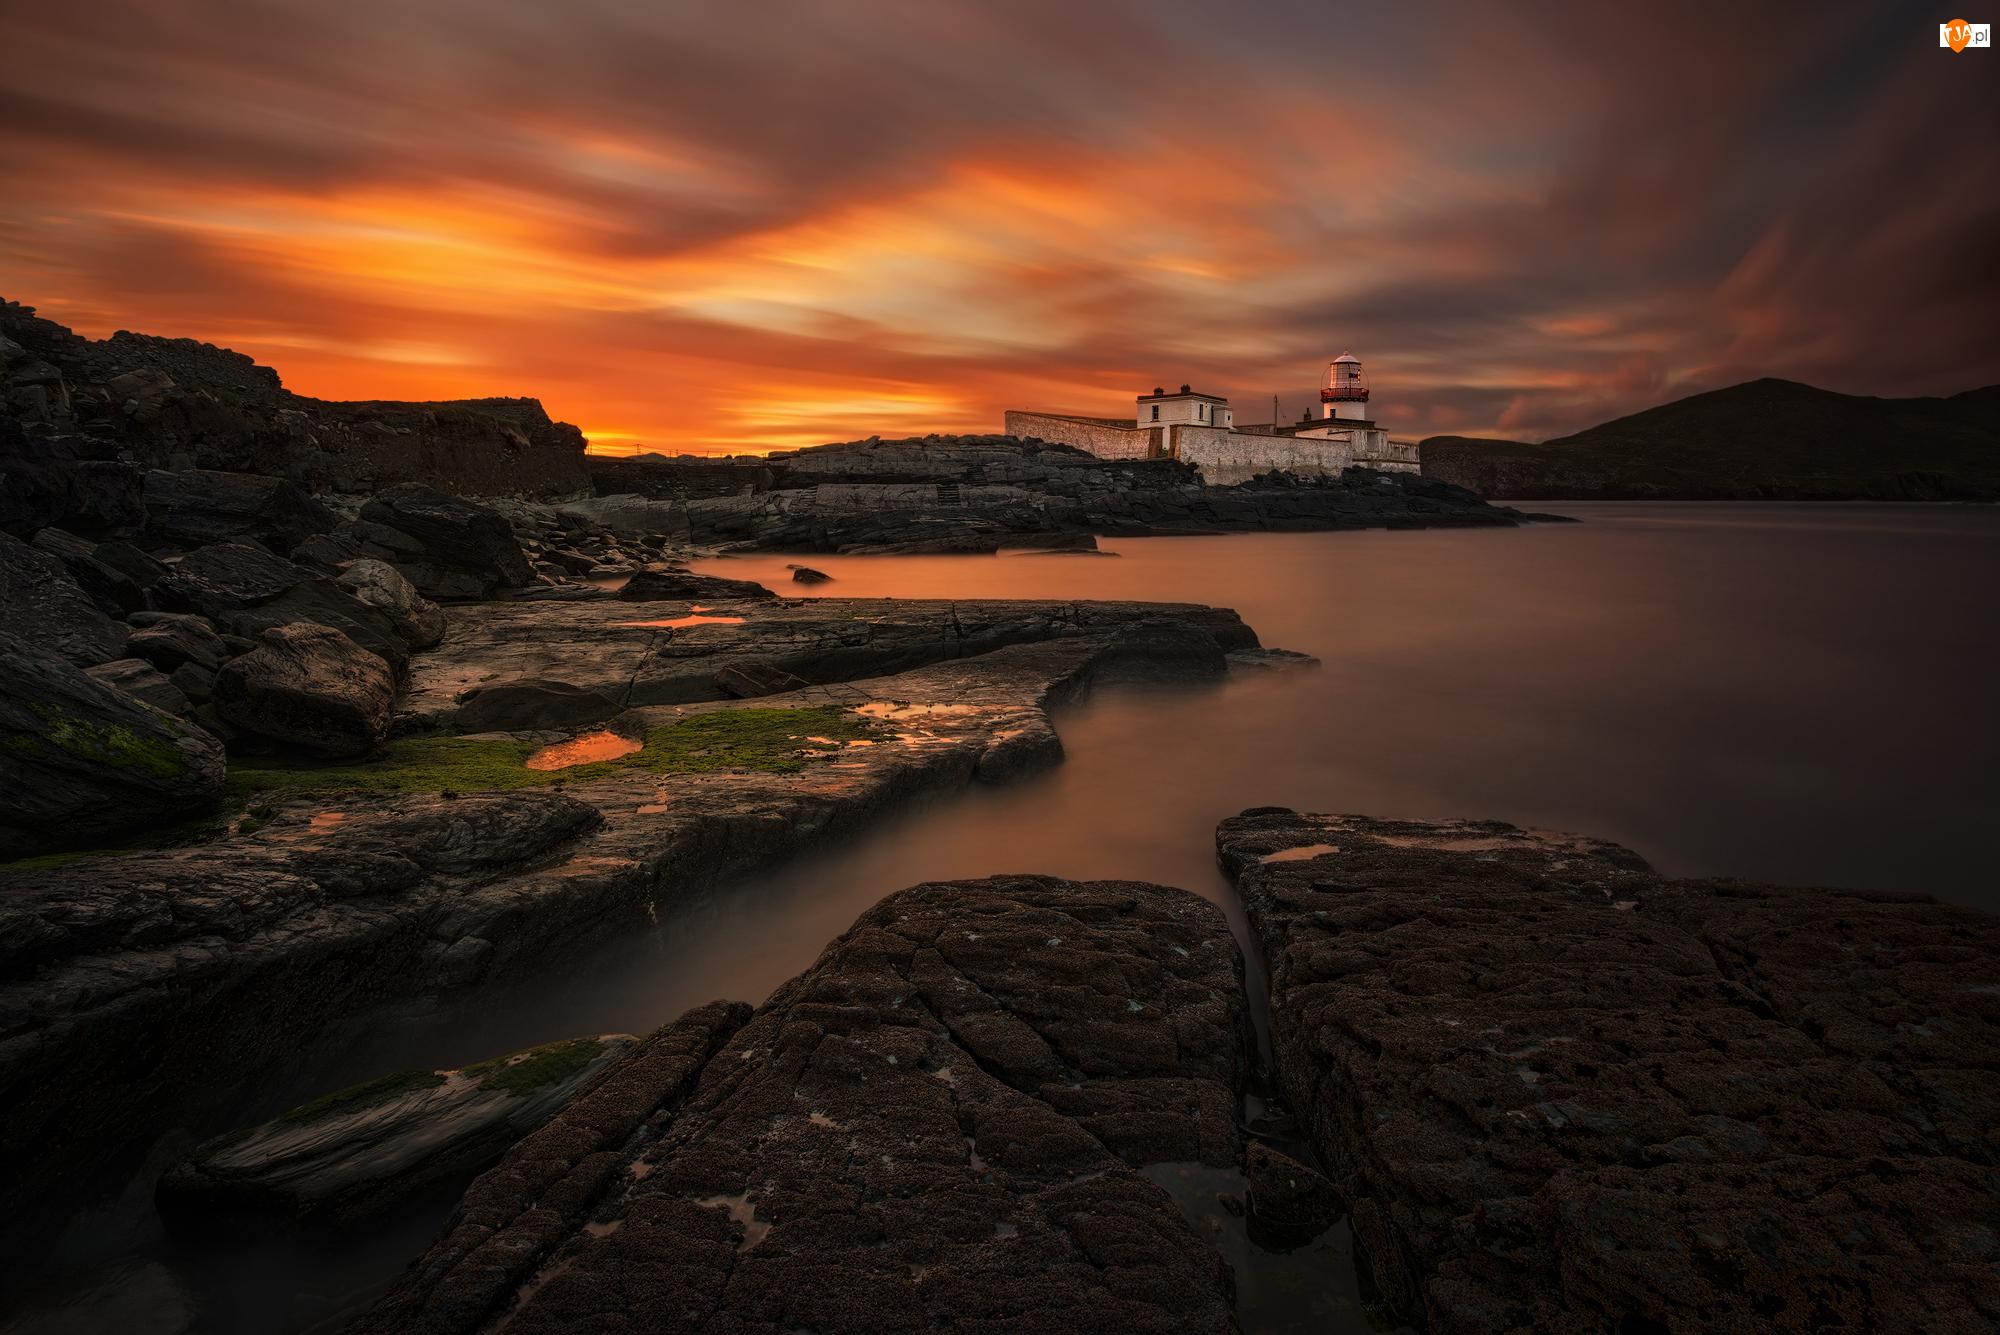 Latarnia morska Cromwell Point, Skały, Irlandia, Morze, Hrabstwo Kerry, Wyspa Valentia, Zachód słońca